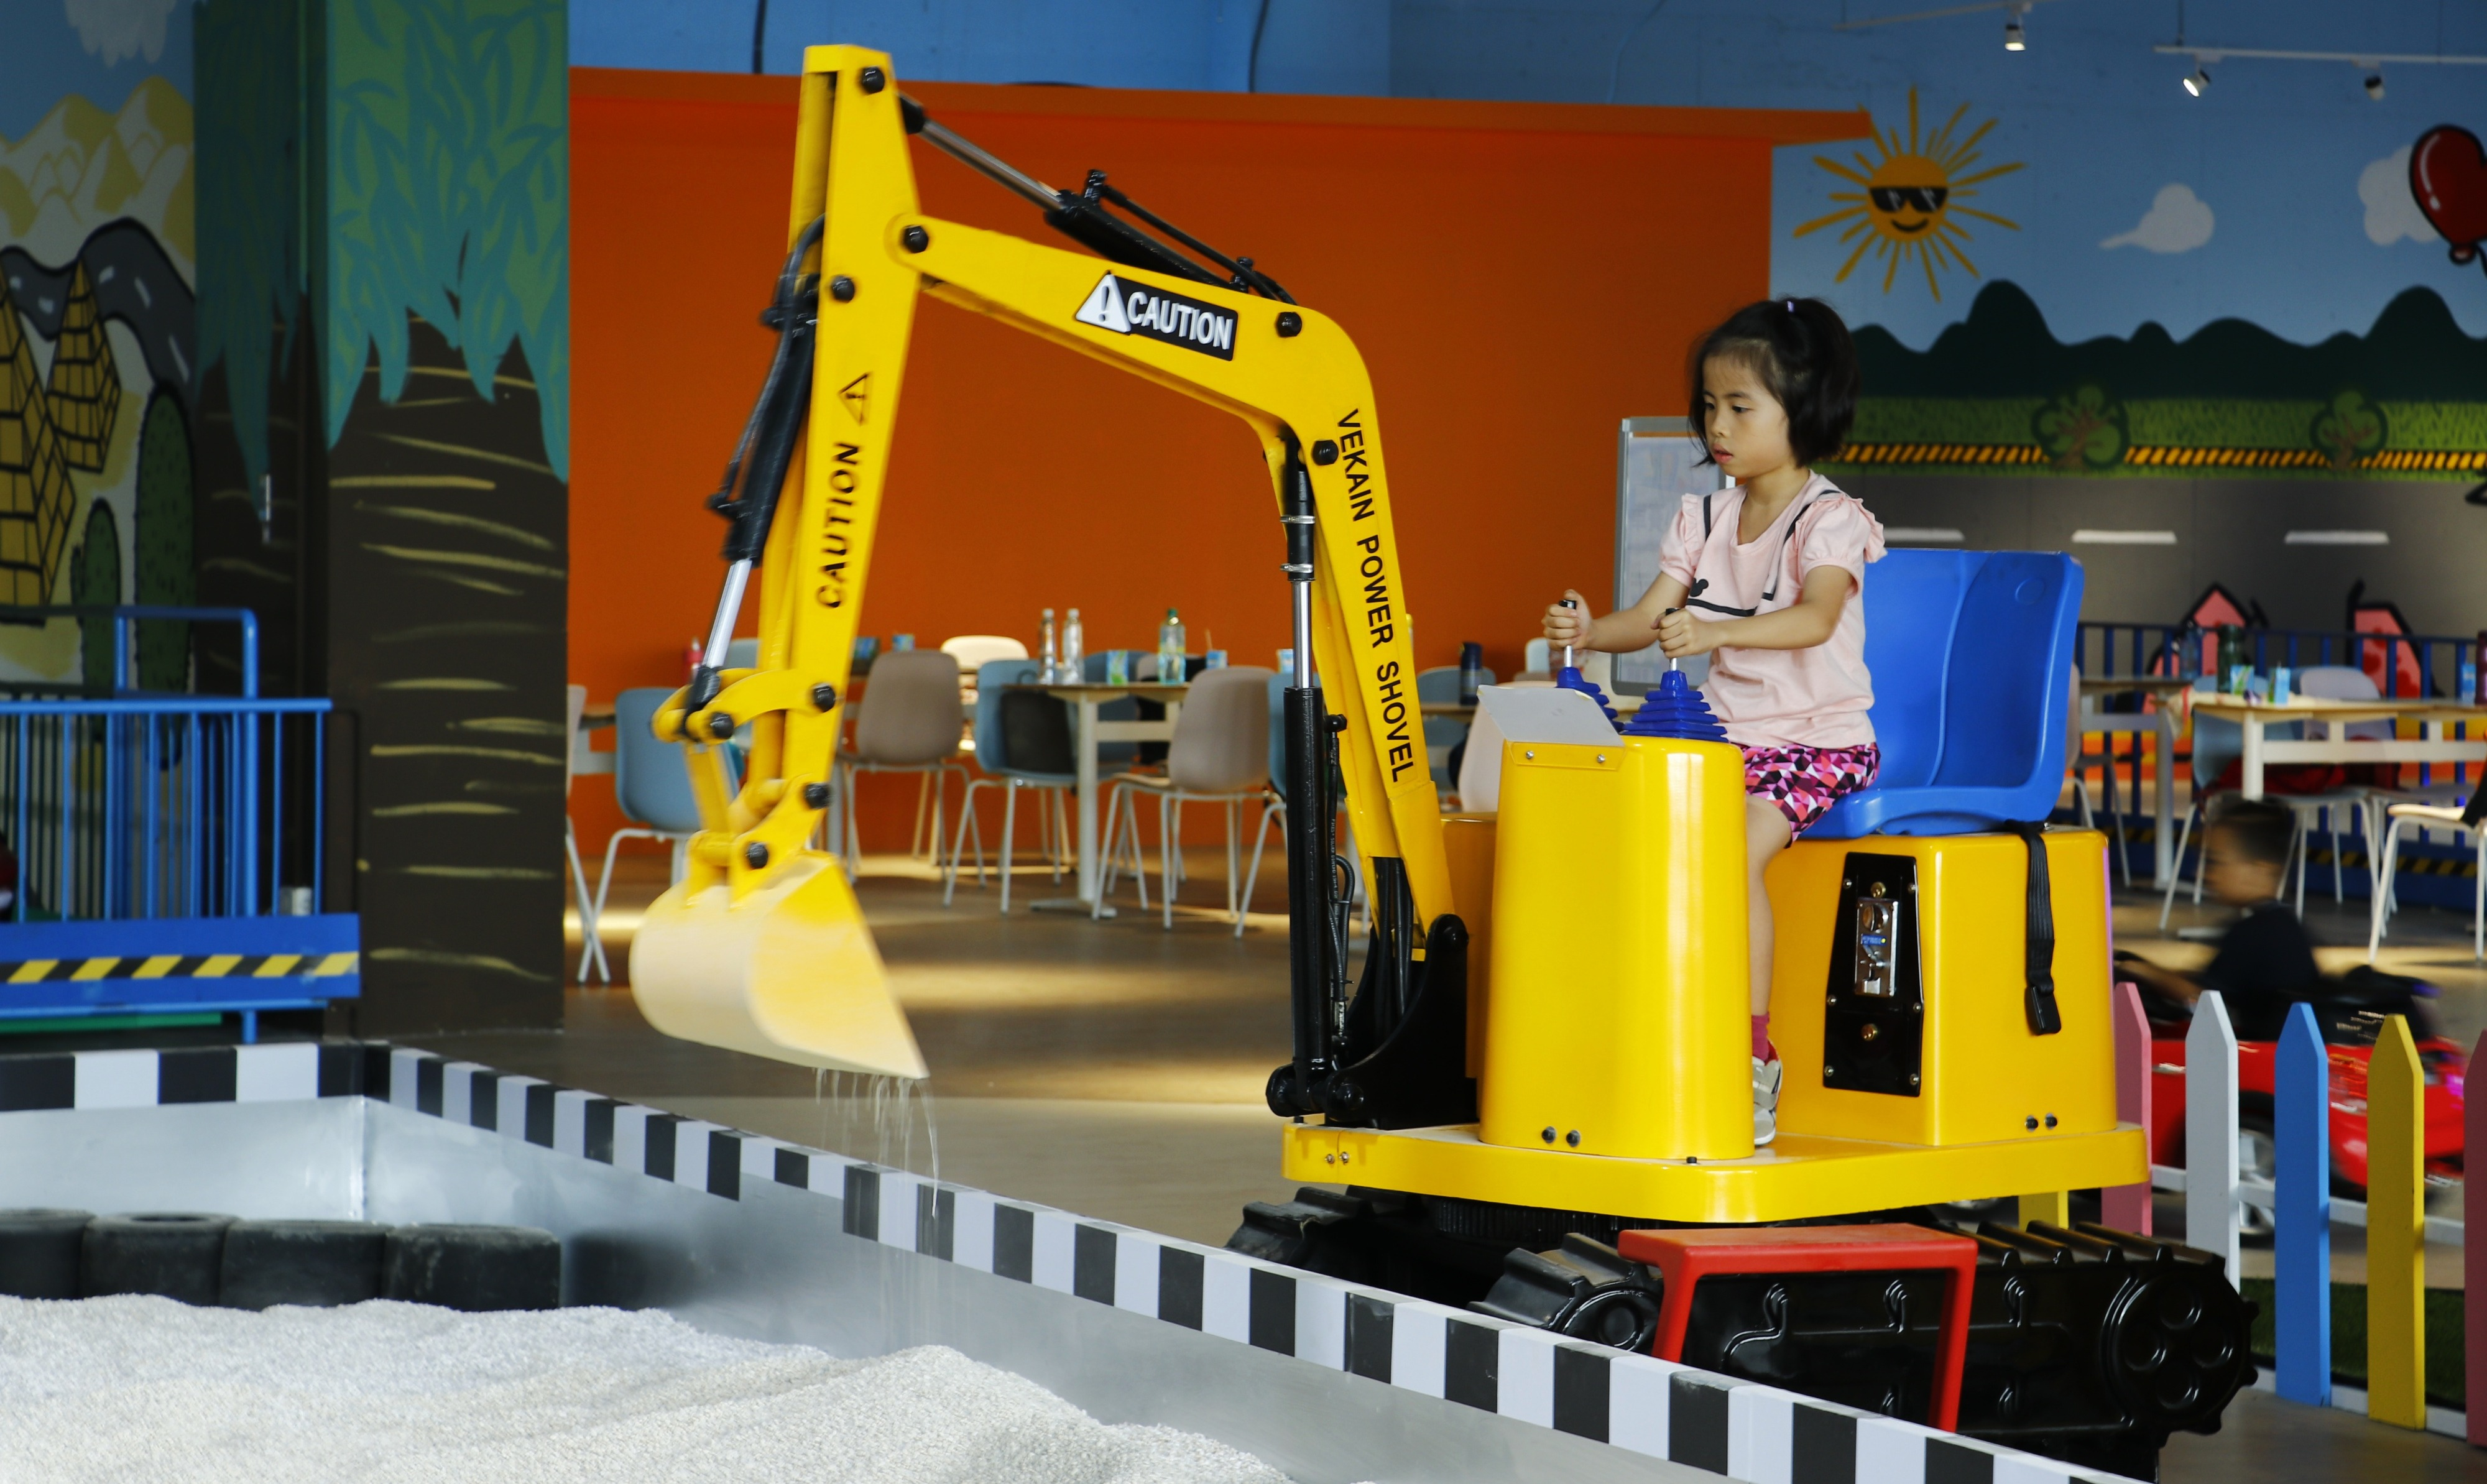 新開幕的「兒童交通安全教育中心」位於台中麗寶國際賽車場全館佔地800坪引進歐洲進口的遊樂設施,「小小怪手」特別受到小朋友喜愛。.jpg